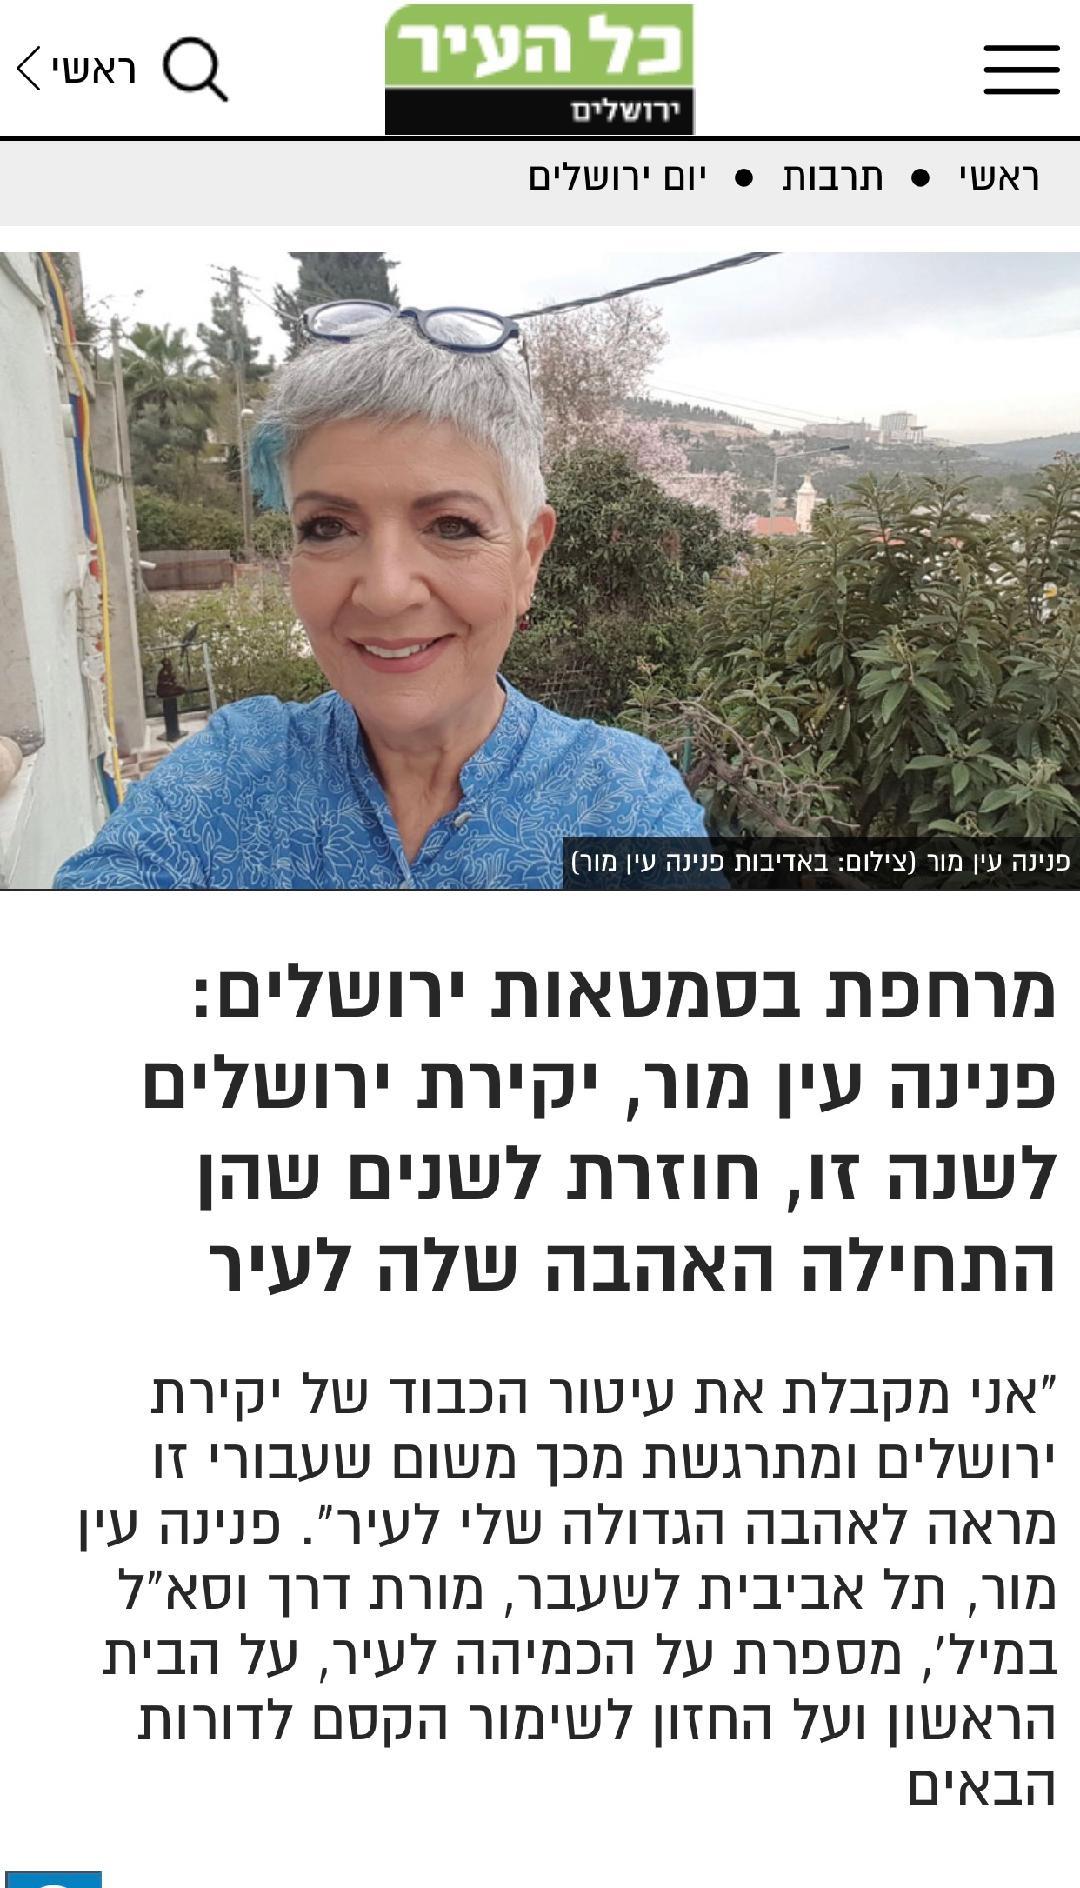 סיורים בירושלים 2 עם יקירת ירושלים